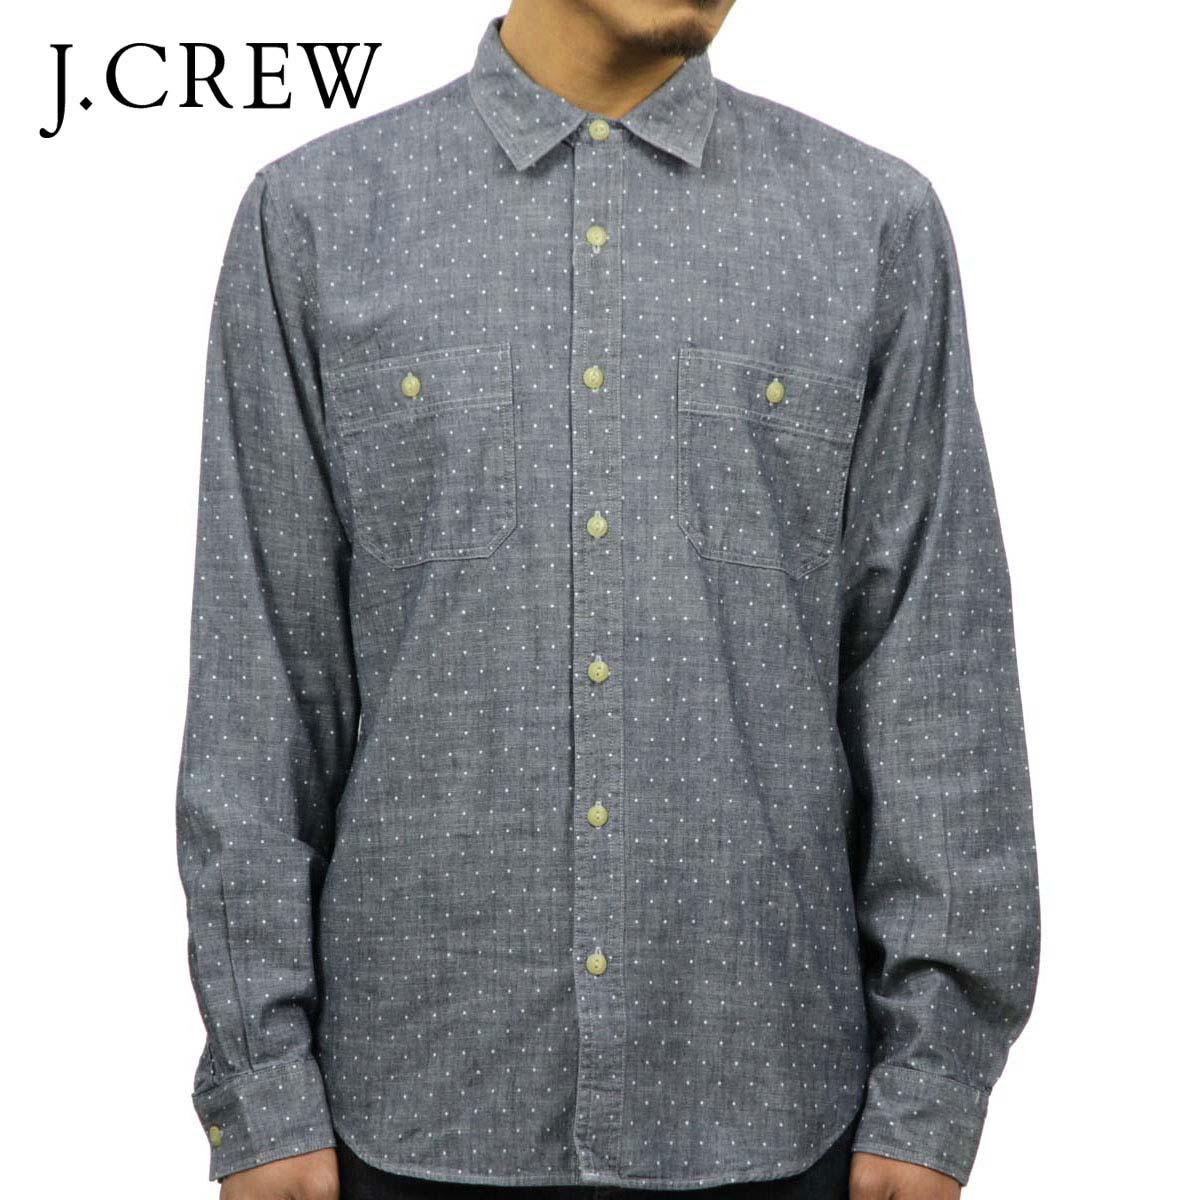 ジェイクルー J.CREW 正規品 メンズ 長袖シャンブレーシャツ Dot Chambray Shirts 03833 D20S30